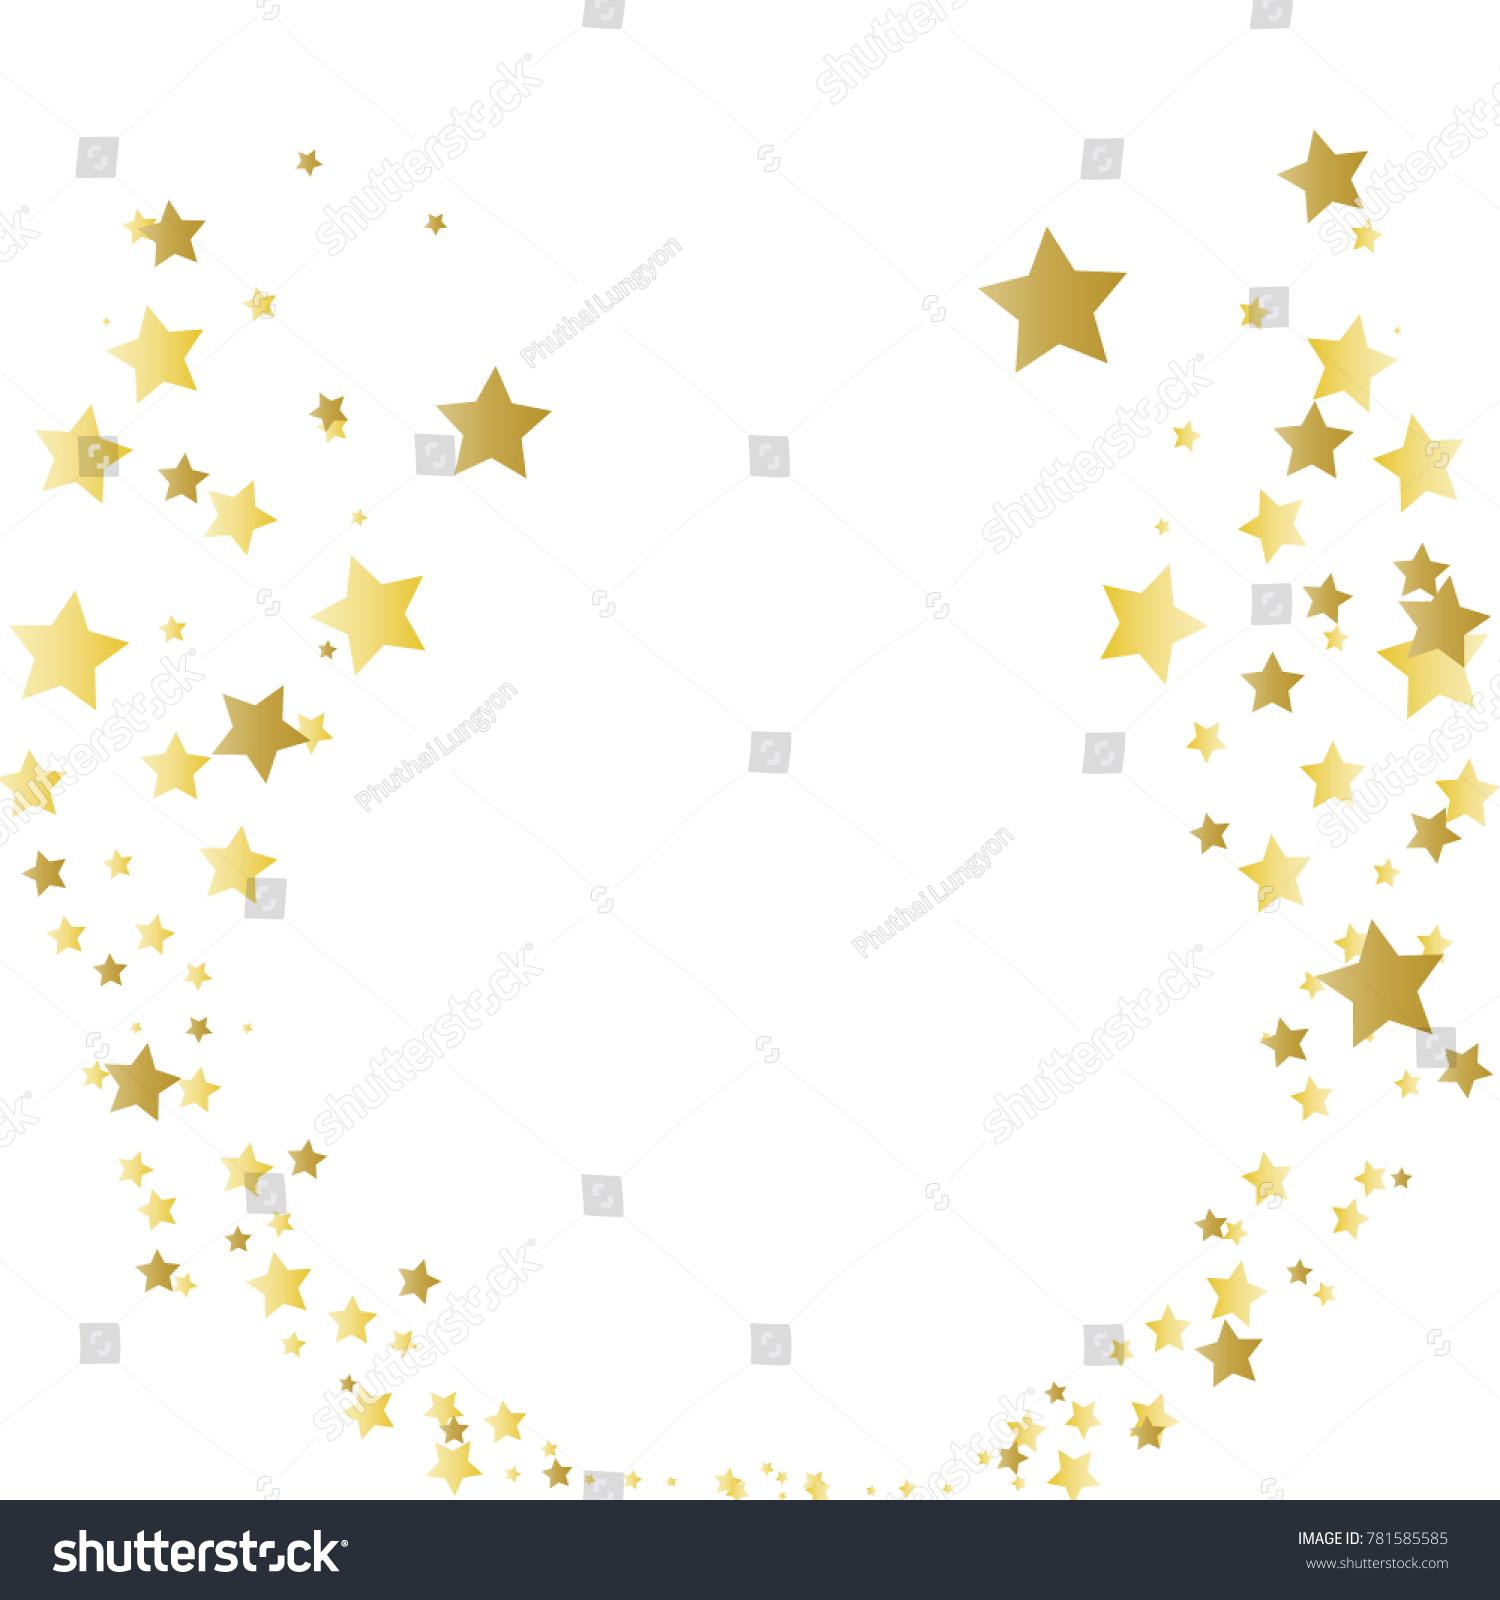 christmas gold stars confetti falling background stock vector rh shutterstock com confetti vector free vector confetti png